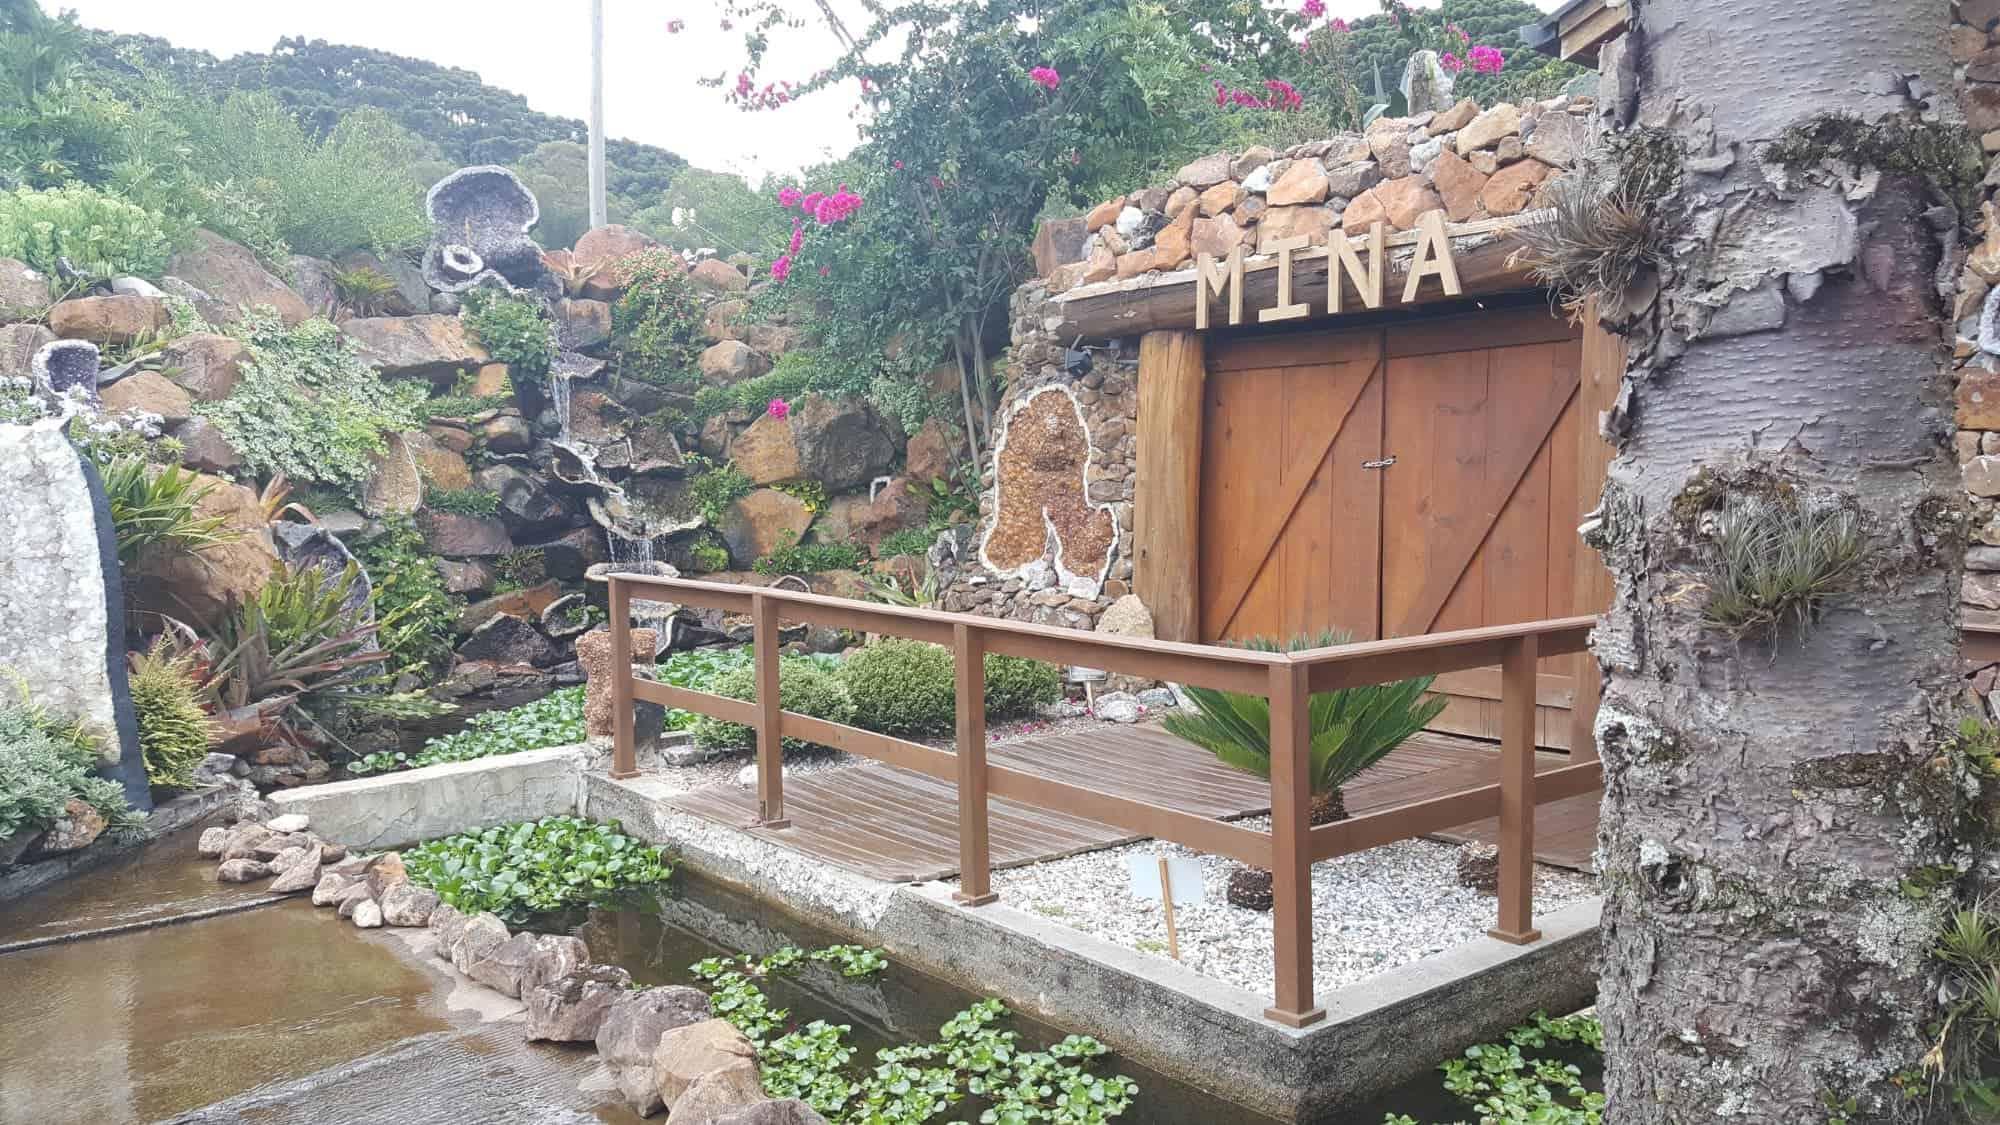 entrada principal do local